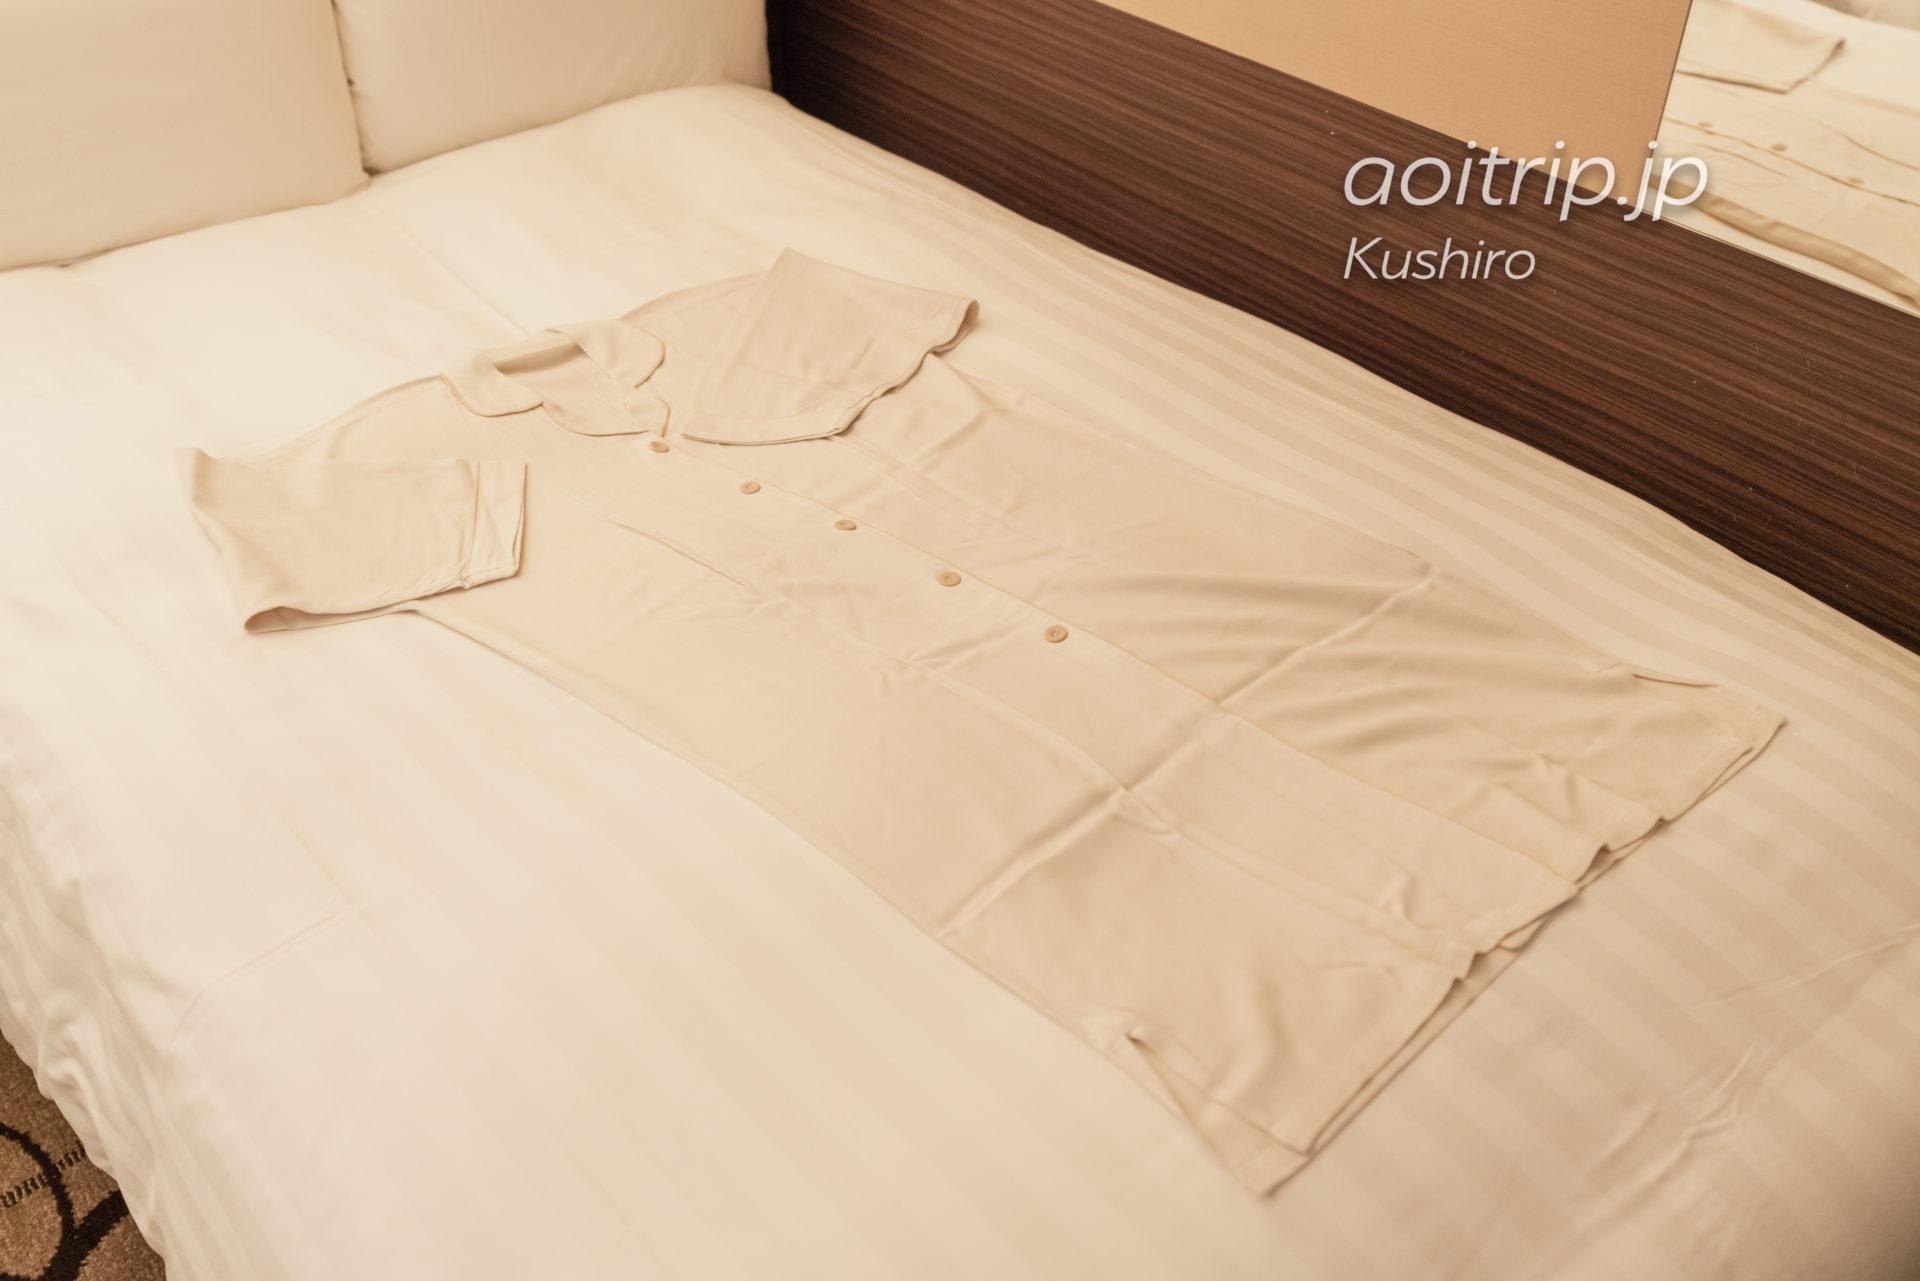 ANAクラウンプラザホテル釧路 ANA Crowne Plaza Hotel Kushiro 部屋着(パジャマ)